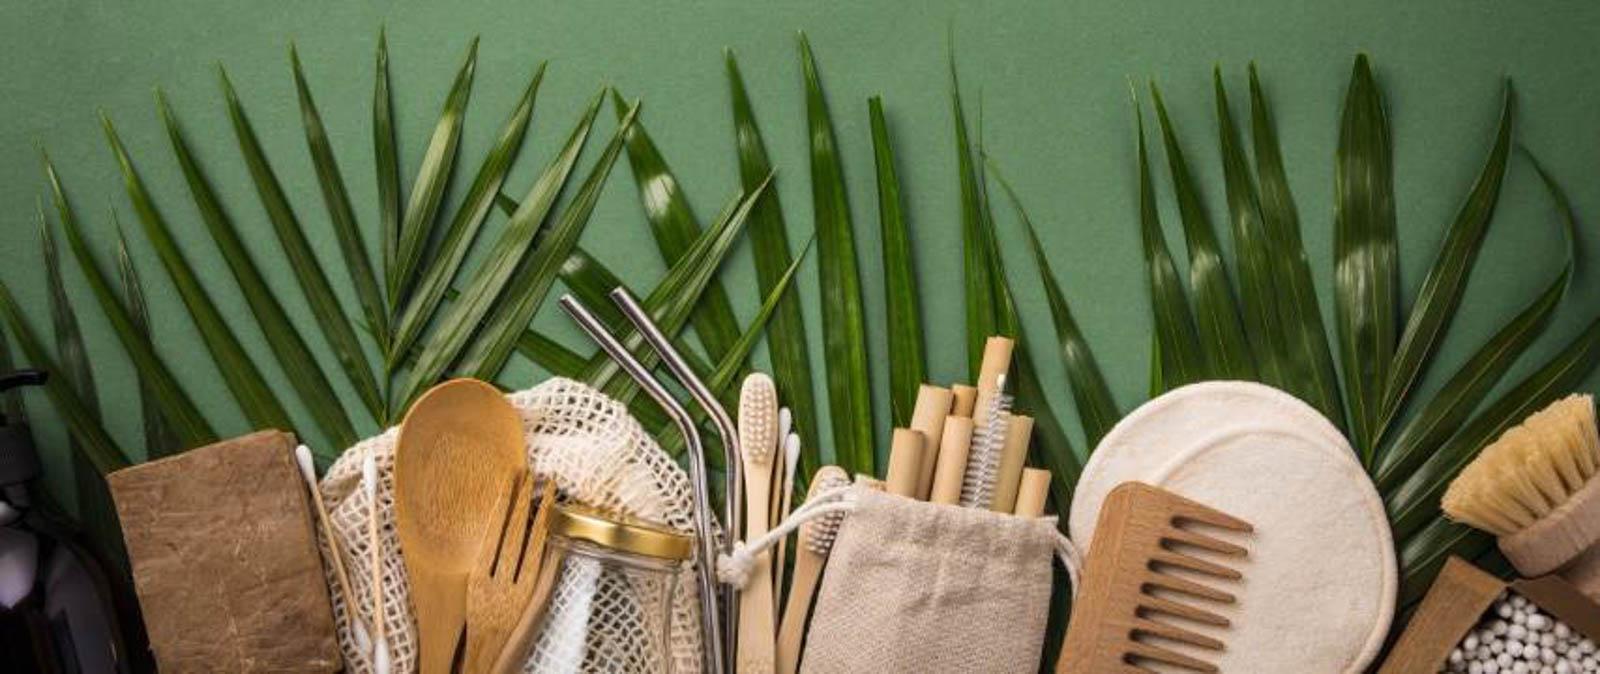 Bambus wird nicht nur als Baumaterial und Nahrungsmittel verwendet.